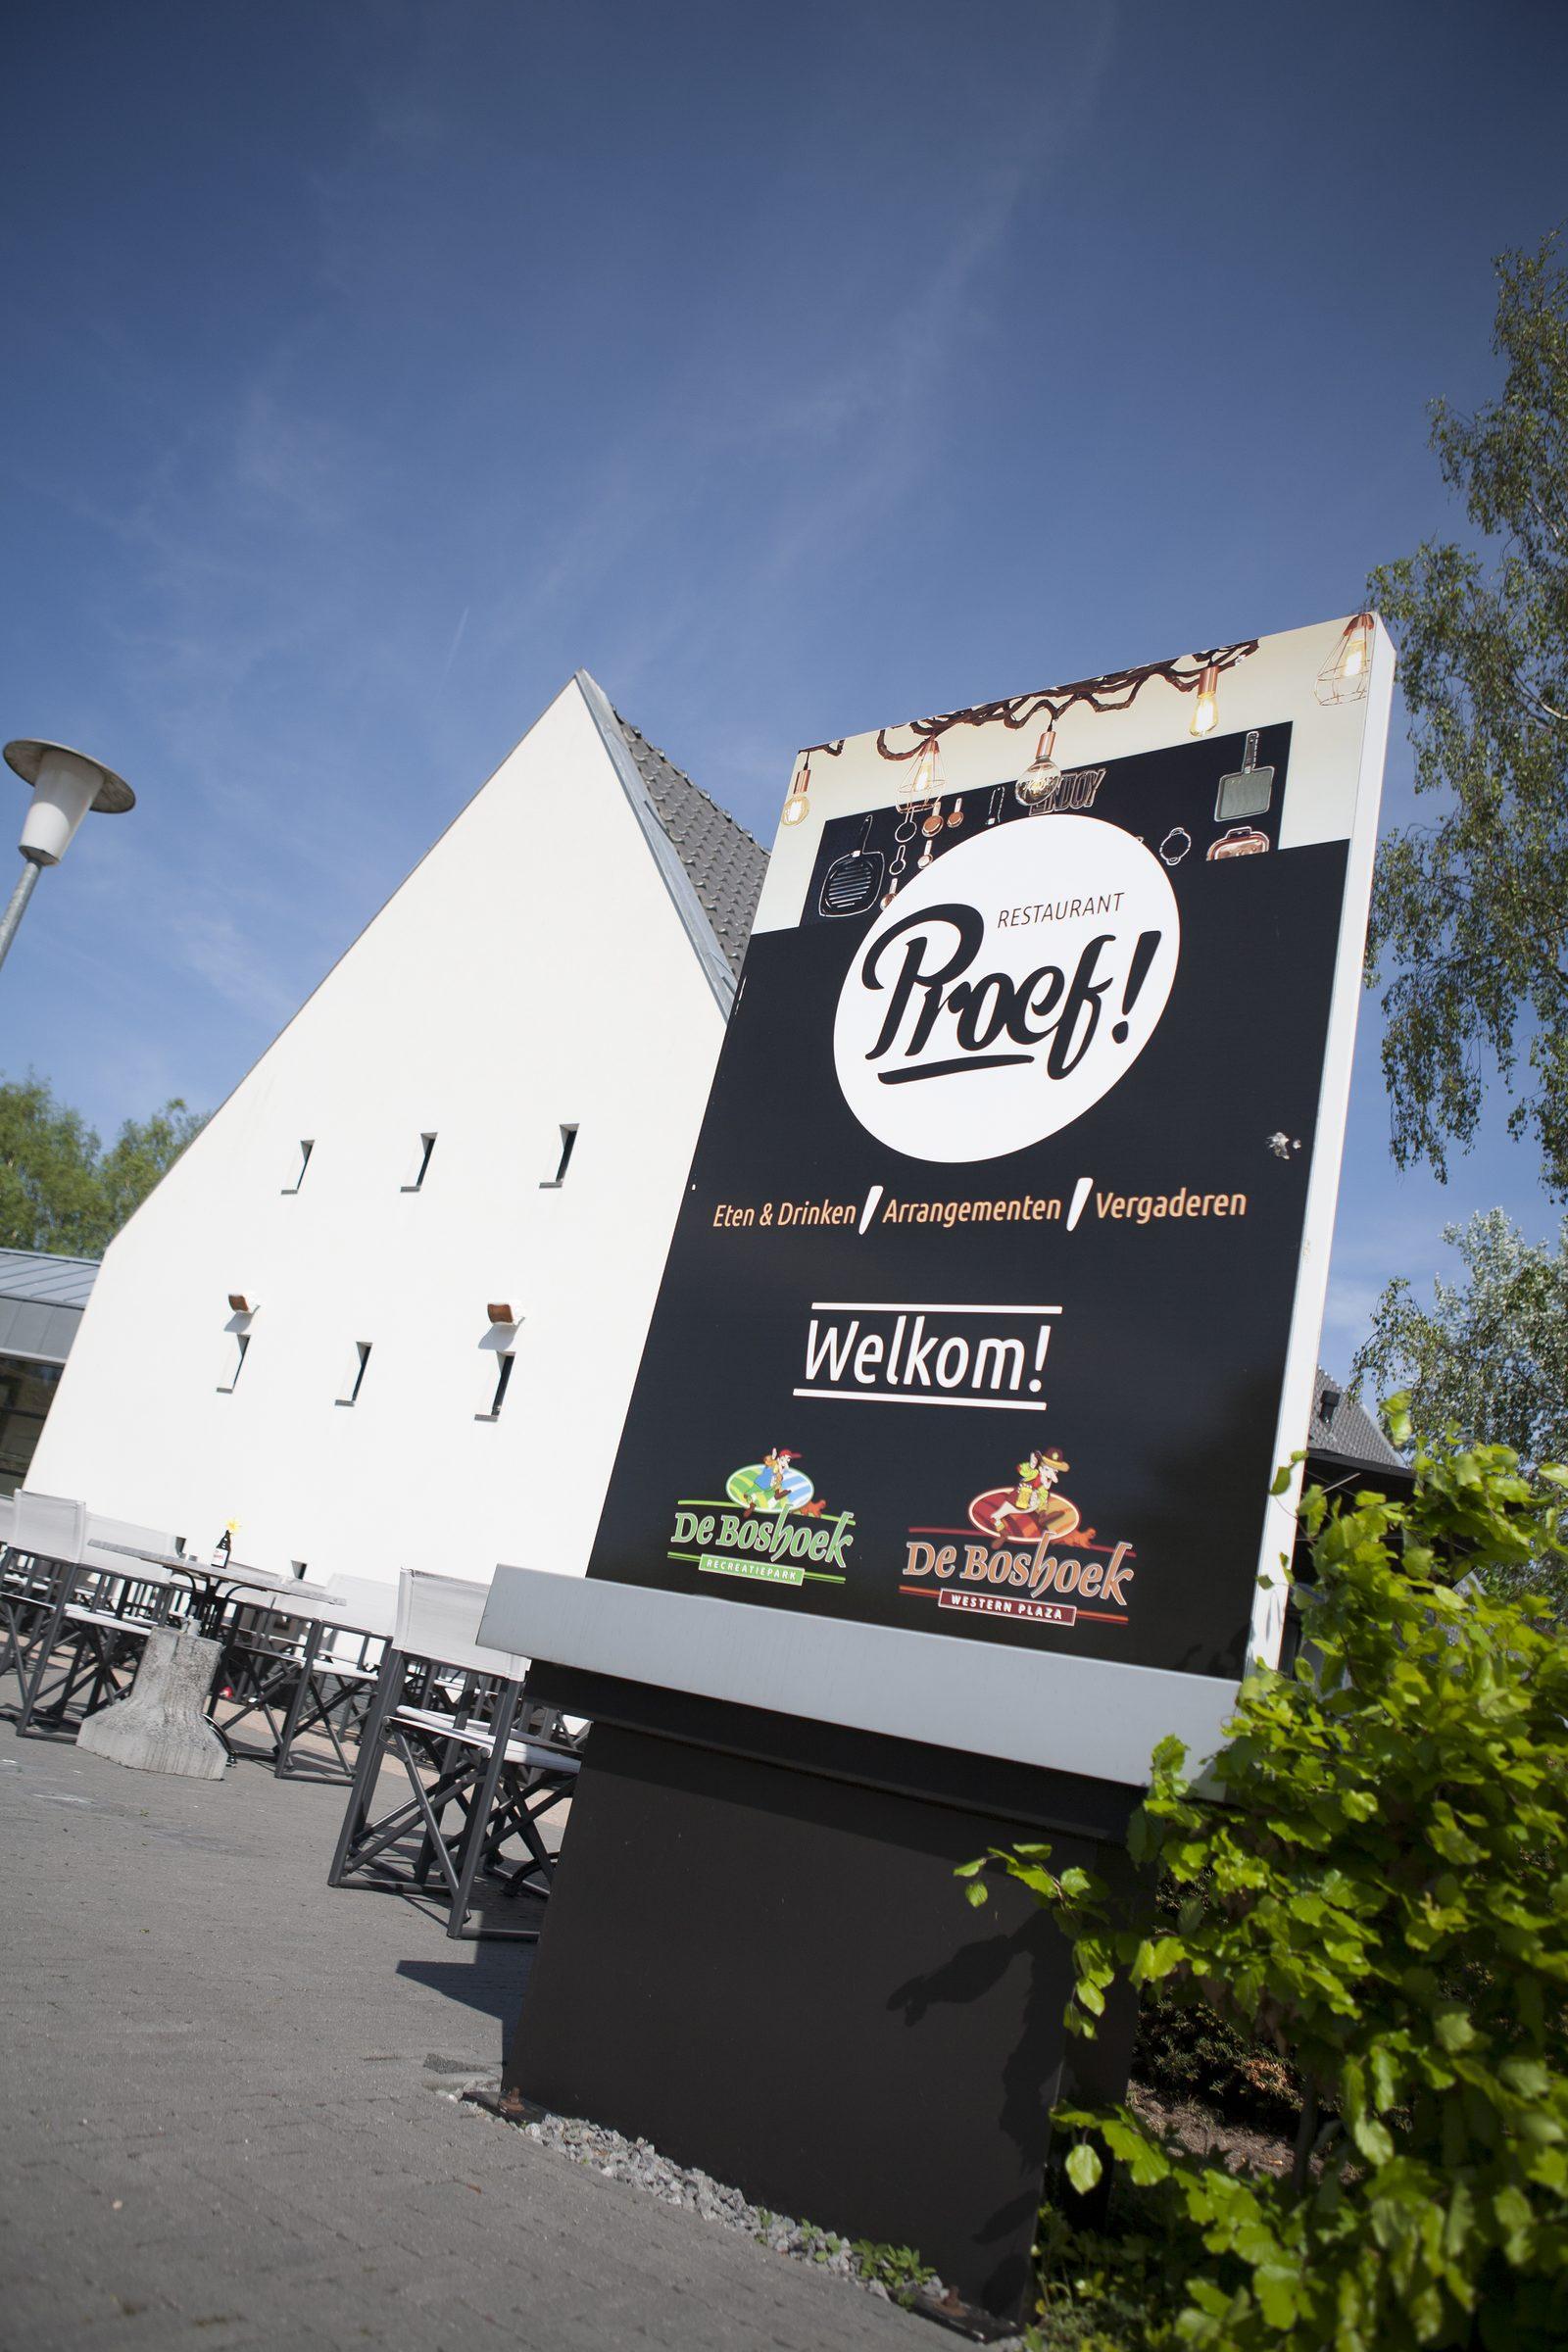 Restaurant Proef! in Voorthuizen is geopend